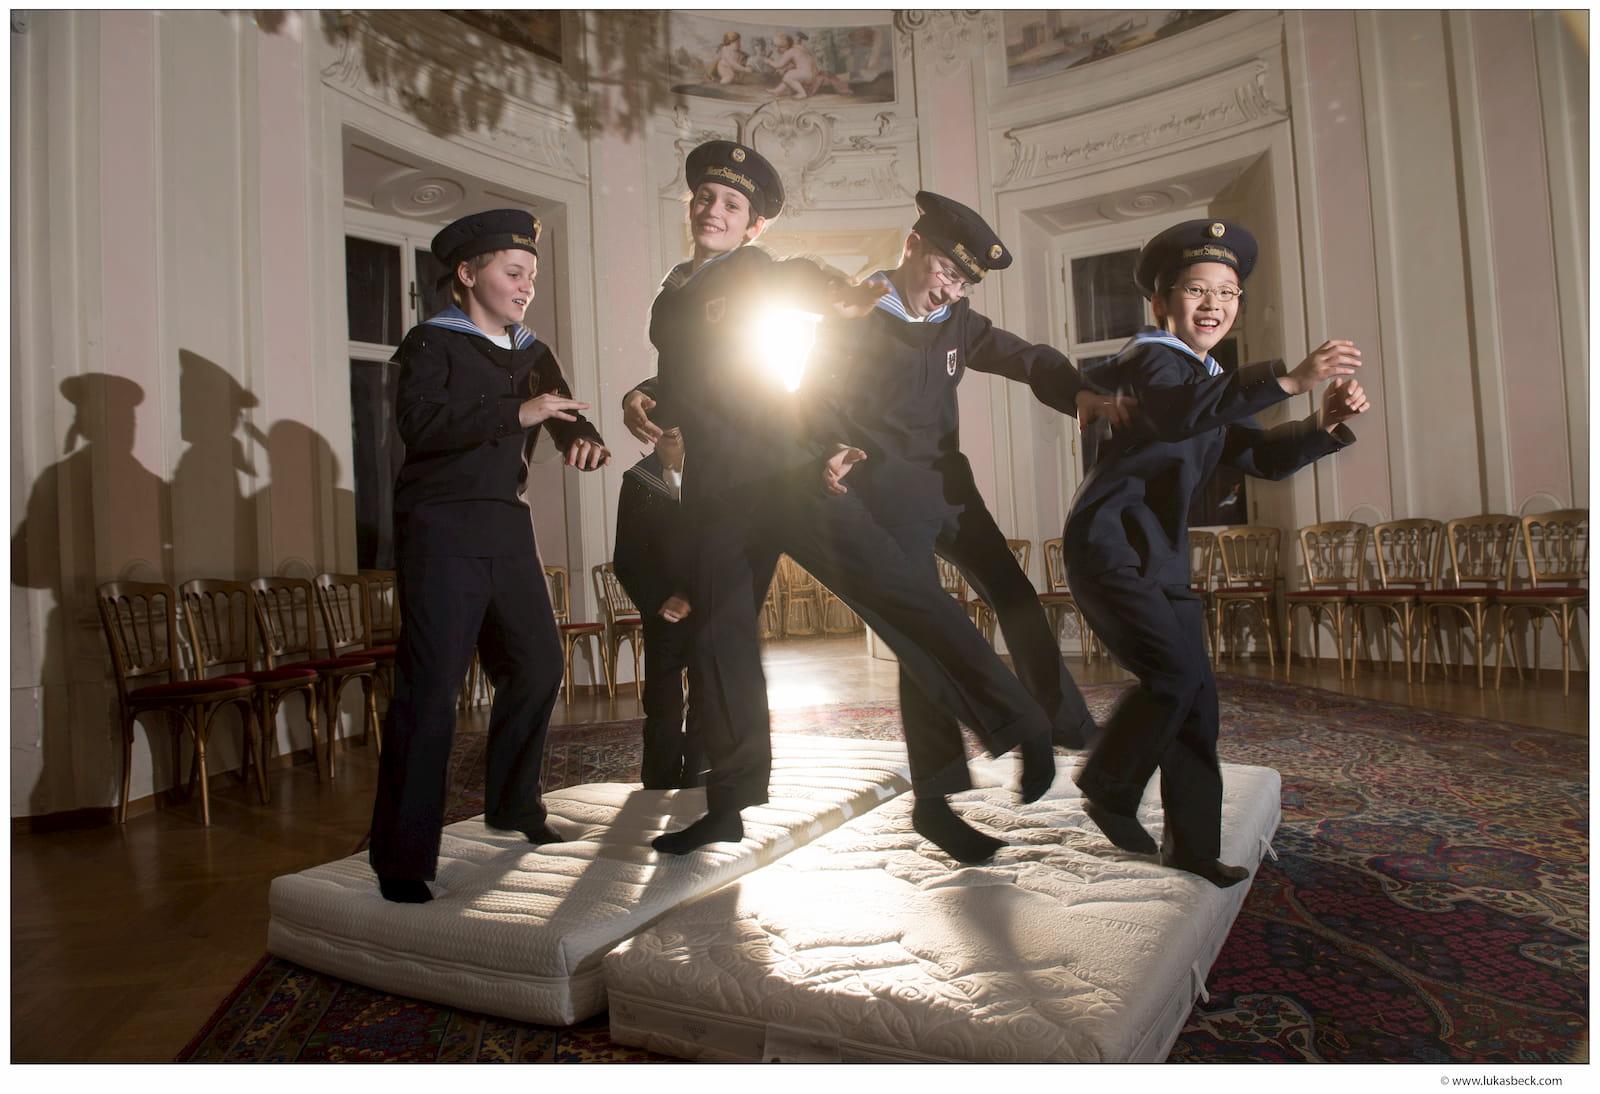 ウィーン少年合唱団の寄宿舎で採用